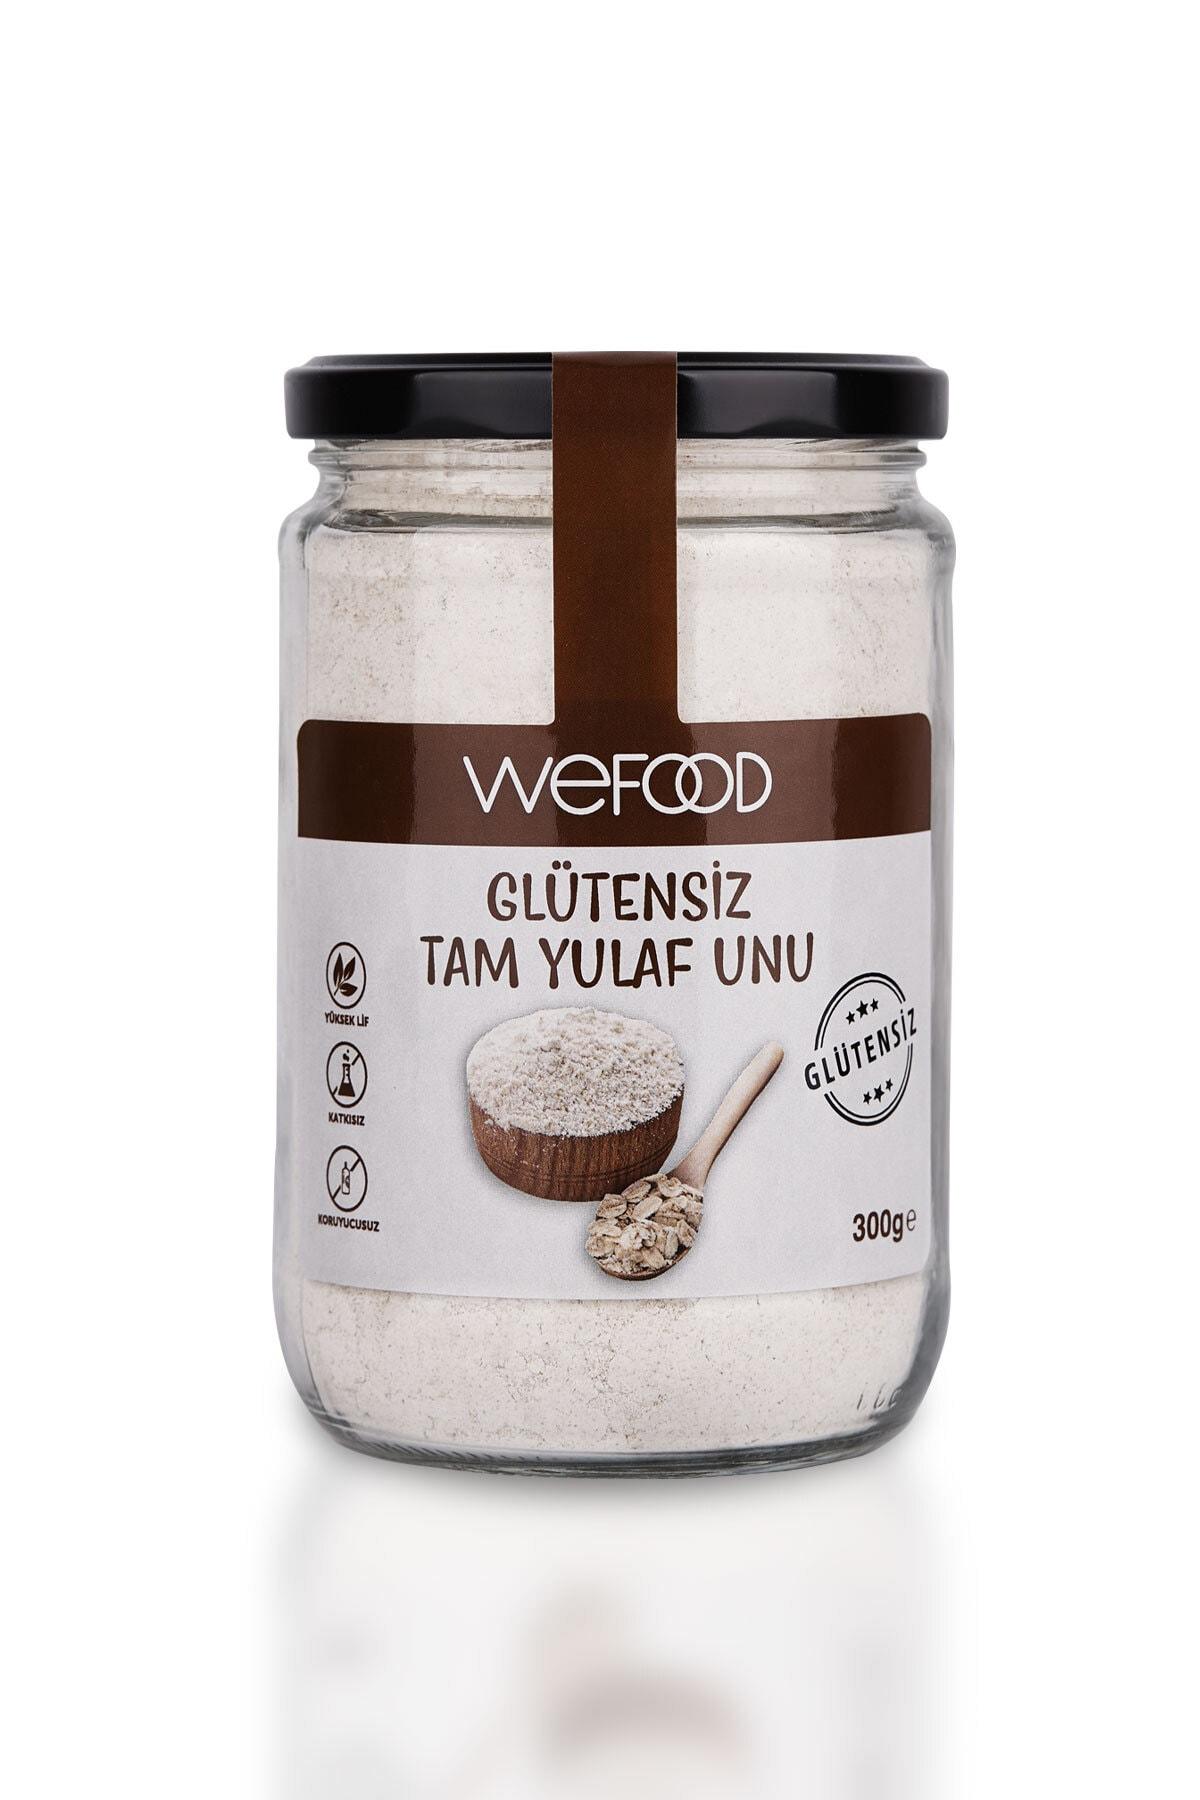 Wefood Glutensiz Tam Yulaf Unu 300 gr 1